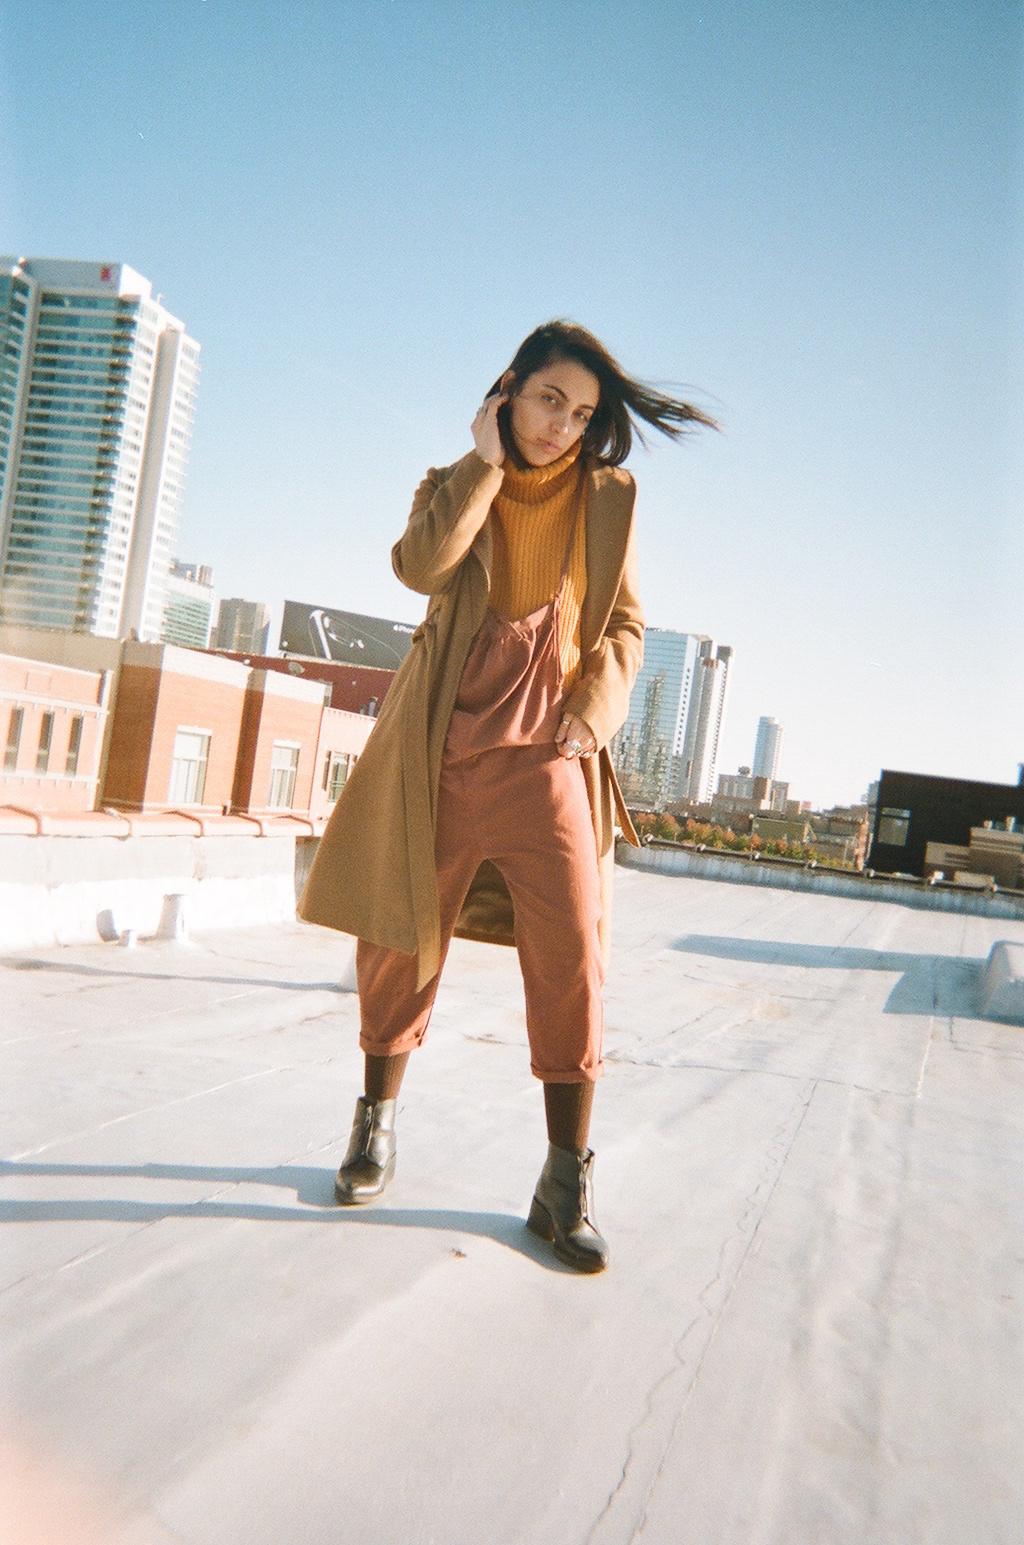 androgynous style - romwe clothing